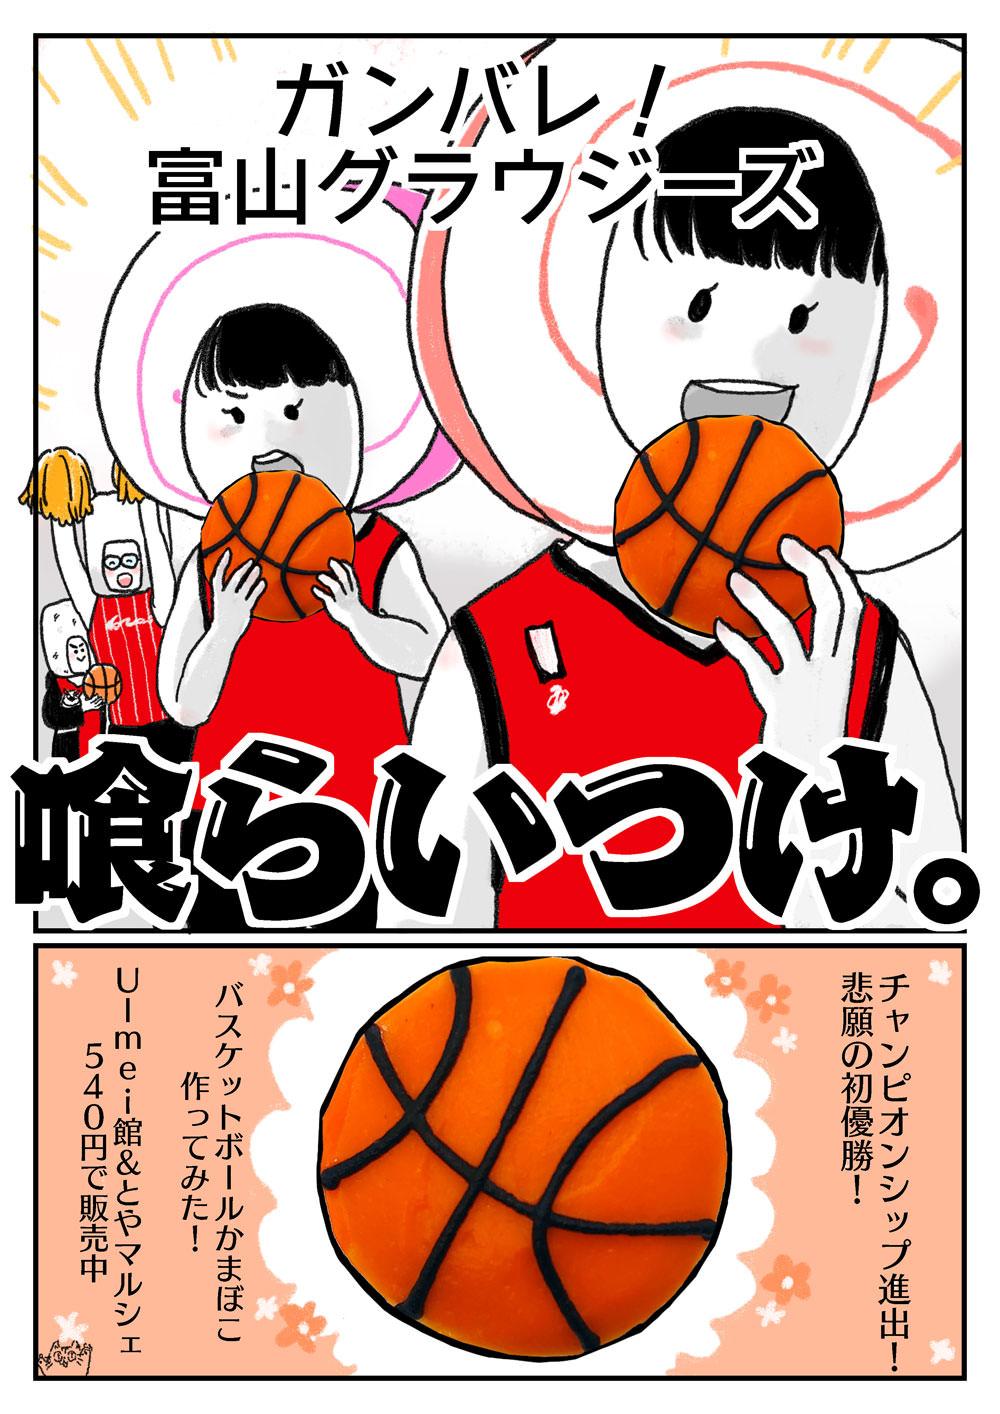 ウメカマンガ(巻) 4勝目 ガンバレ!富山グラウジーズ!喰らいつけ。CS出場&初優勝!